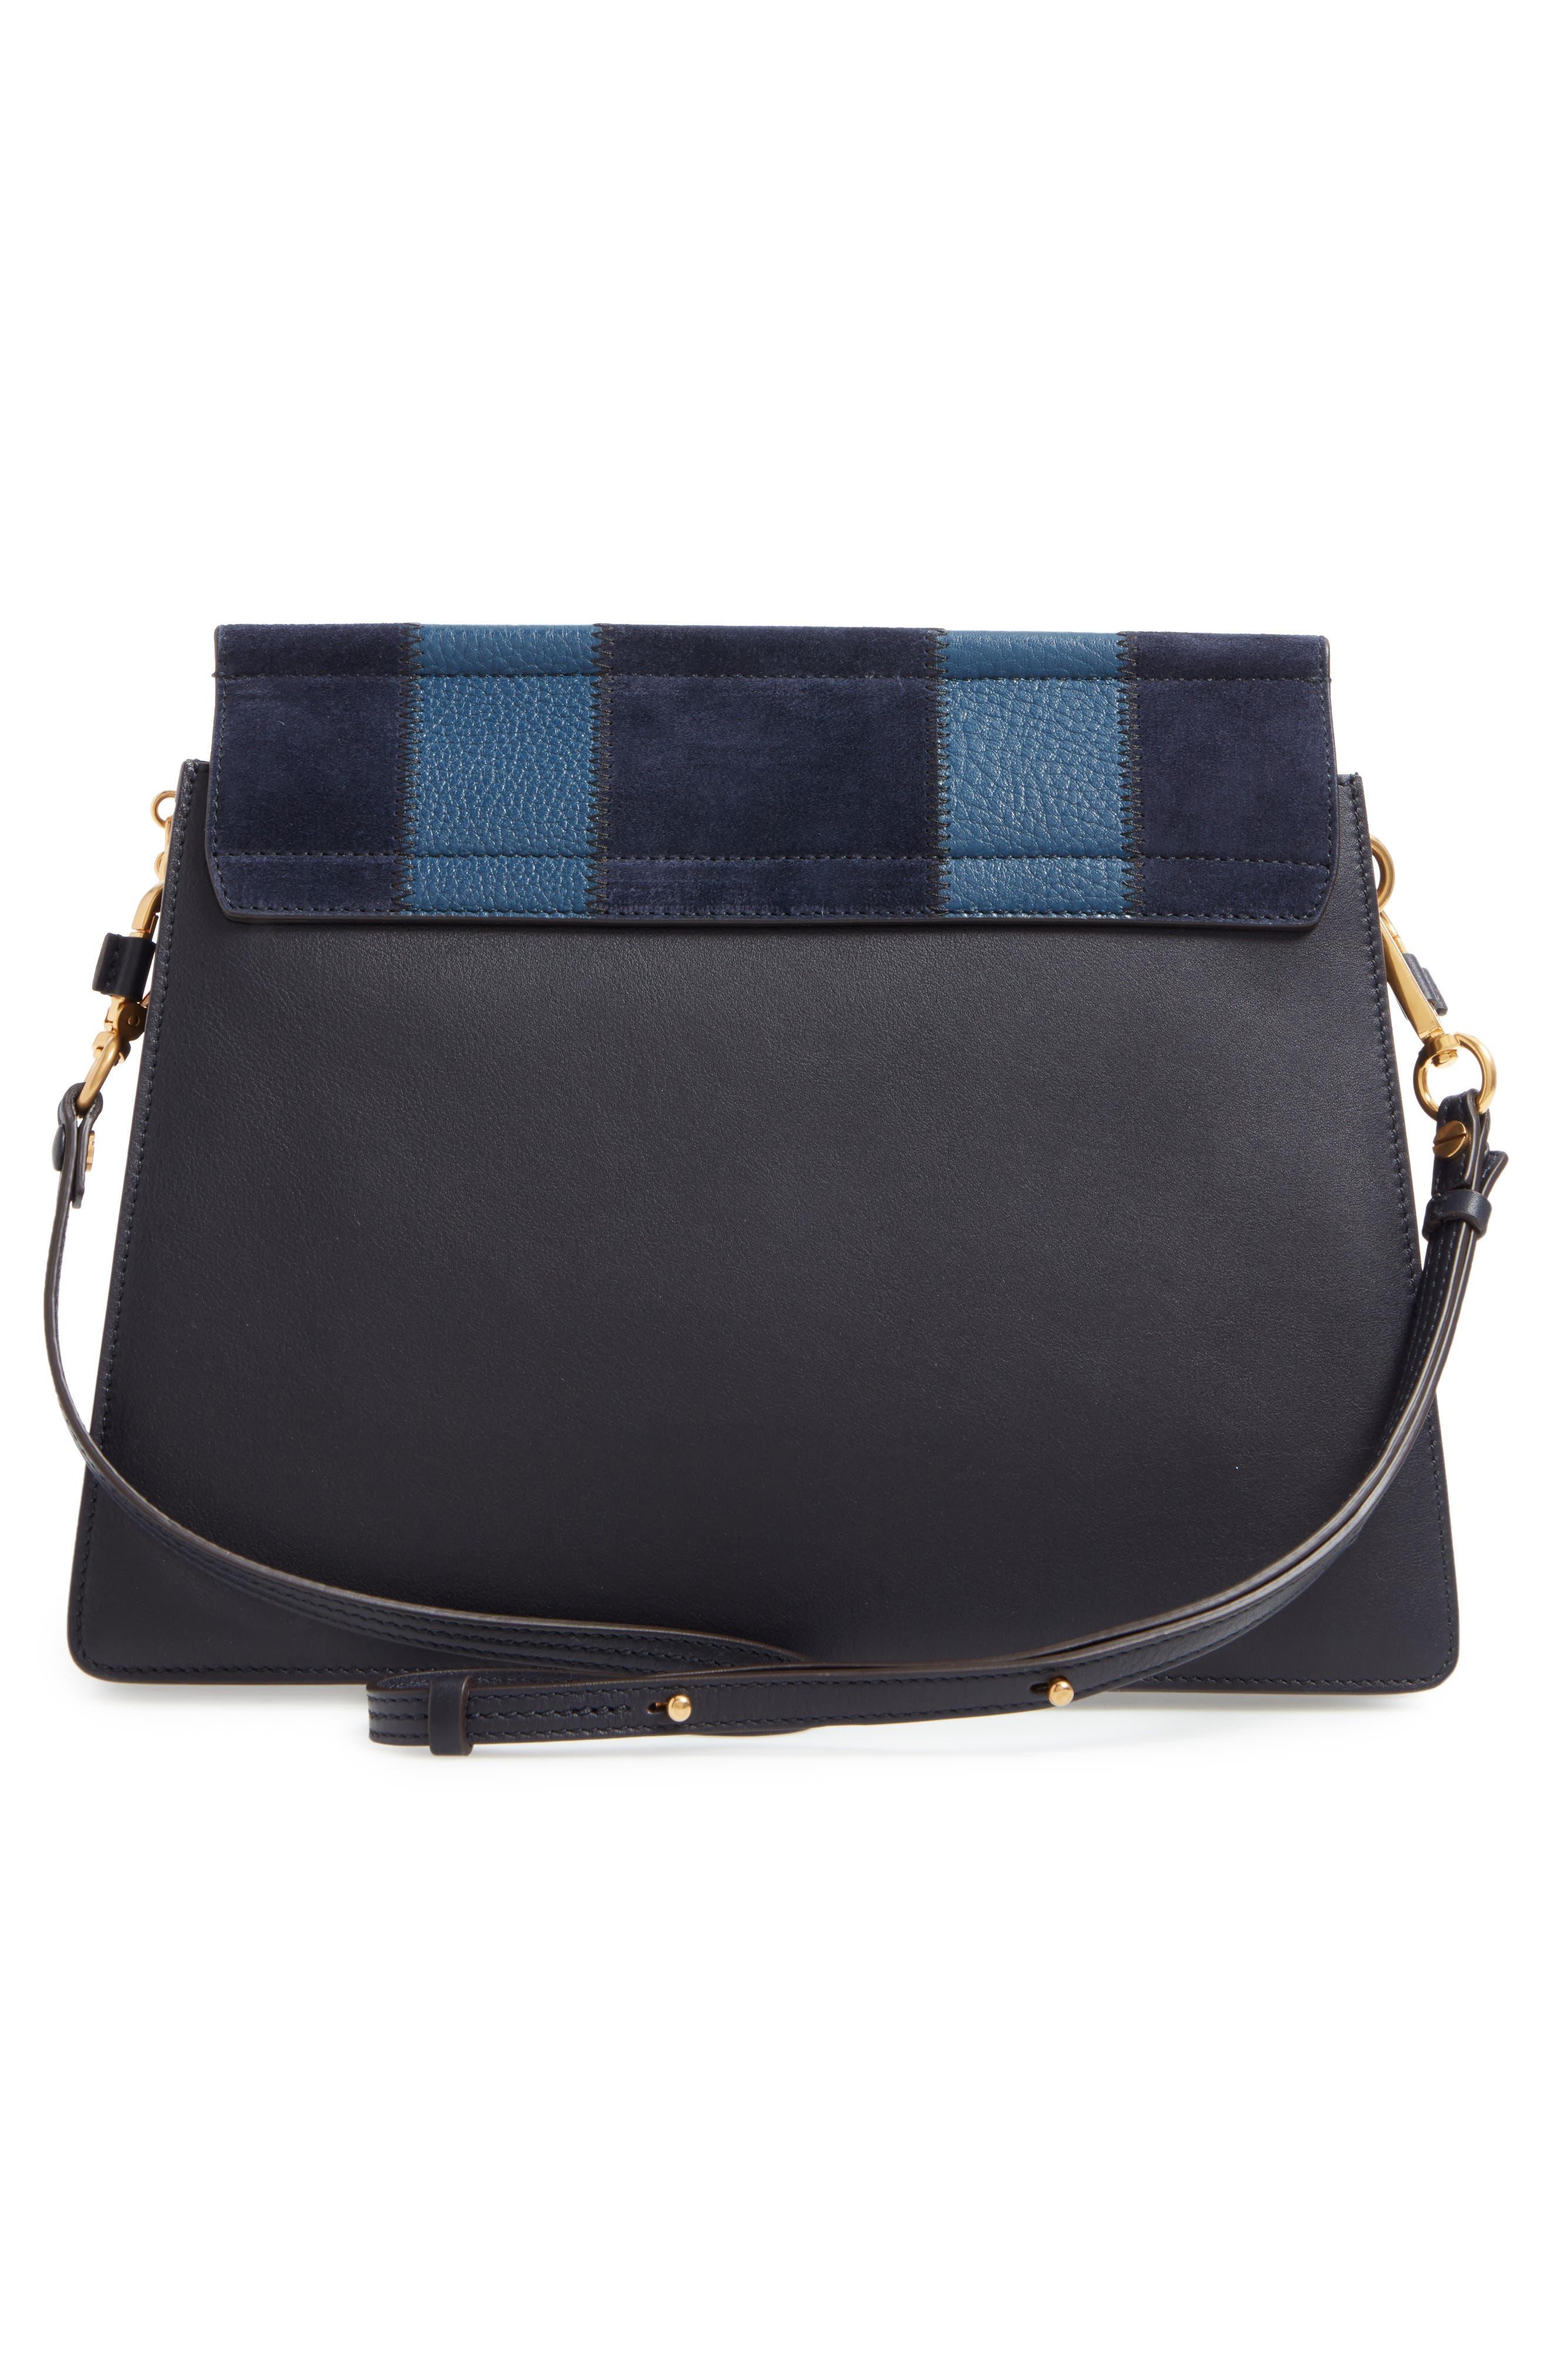 Alternate Image 3  - Chloé Medium Faye Patchwork Leather Shoulder Bag